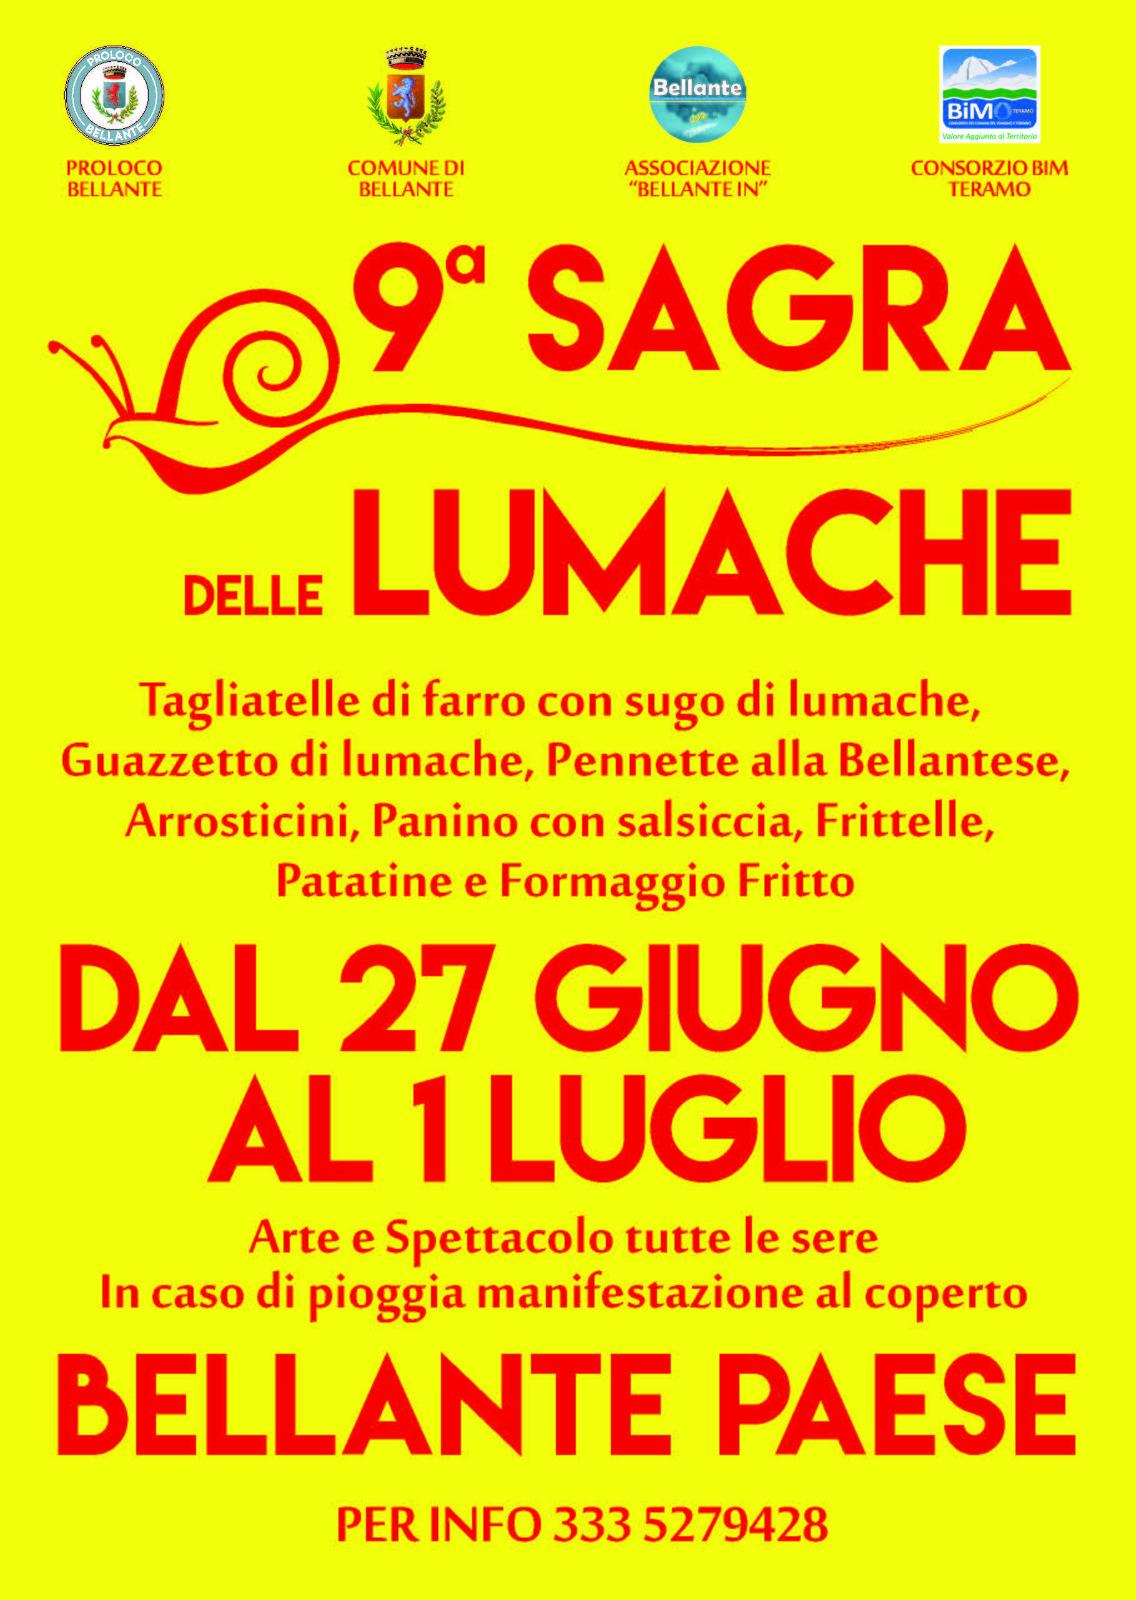 2018 - 9° Sagra delle Lumache di Bellante